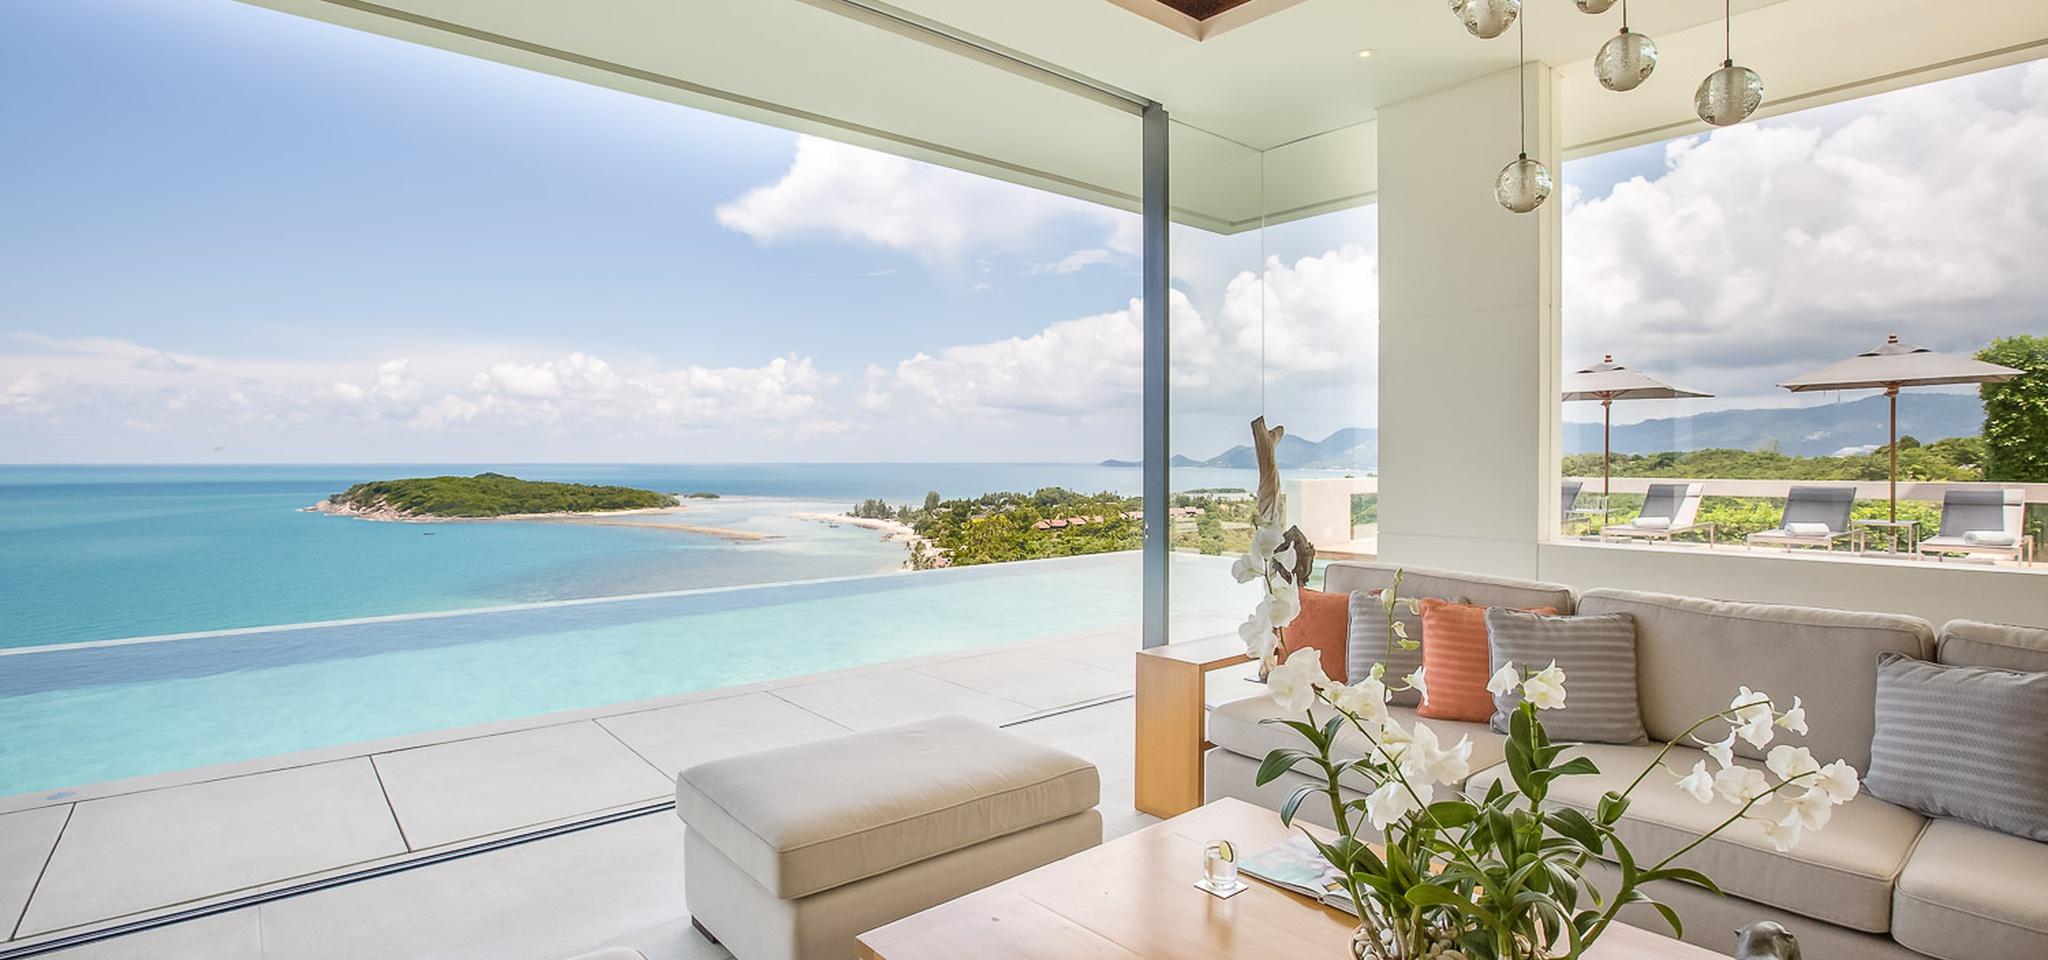 luxury villa in thailand overlooks the bay